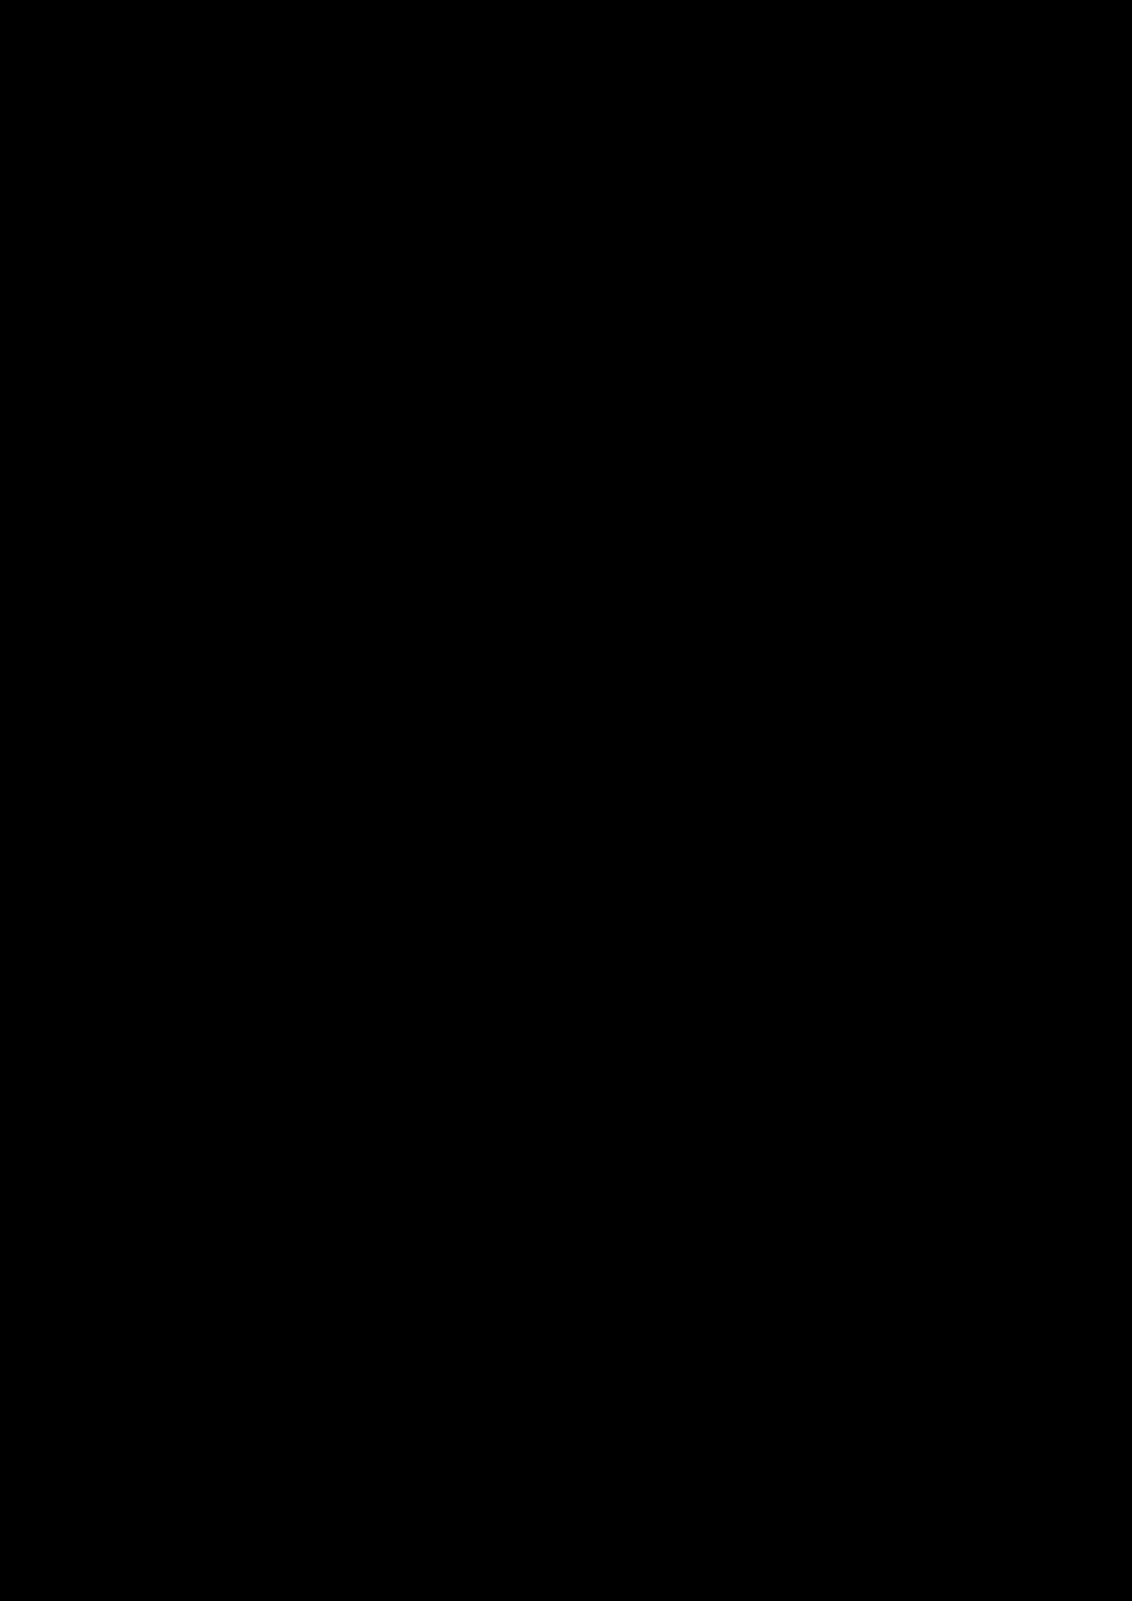 Zagadka volshebnoy stranyi slide, Image 15